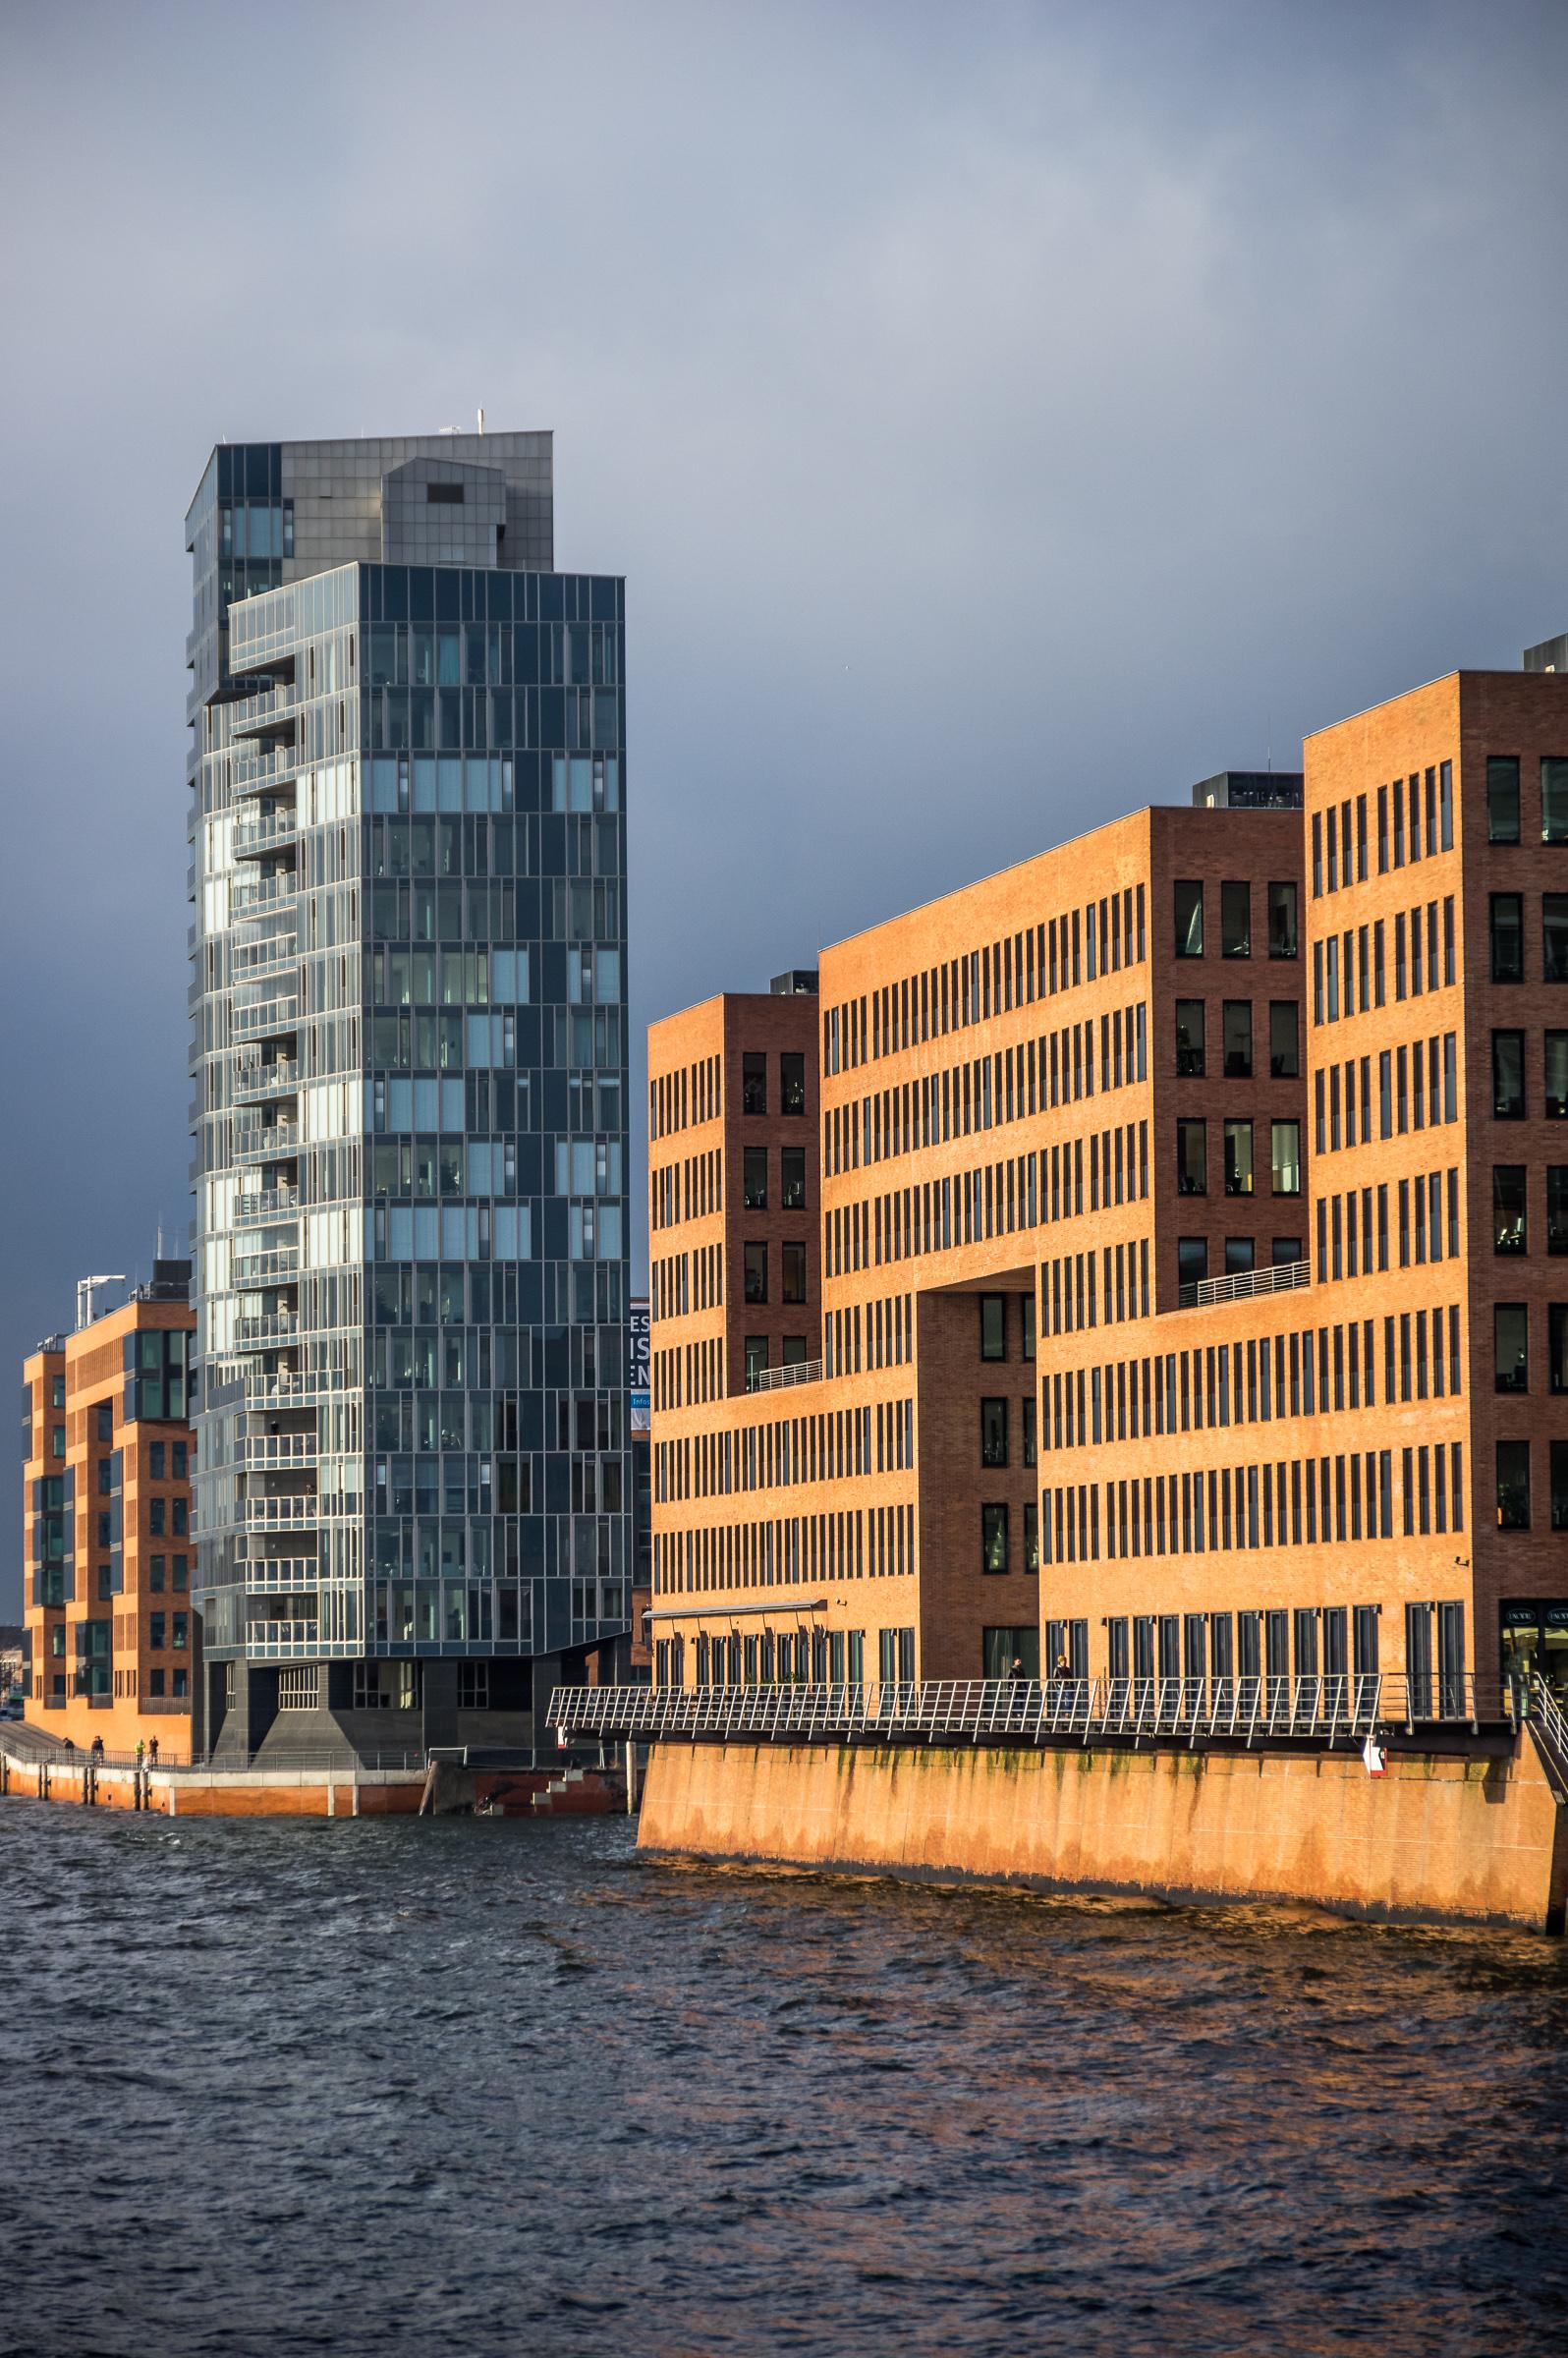 Moderne Architektur im Hafen